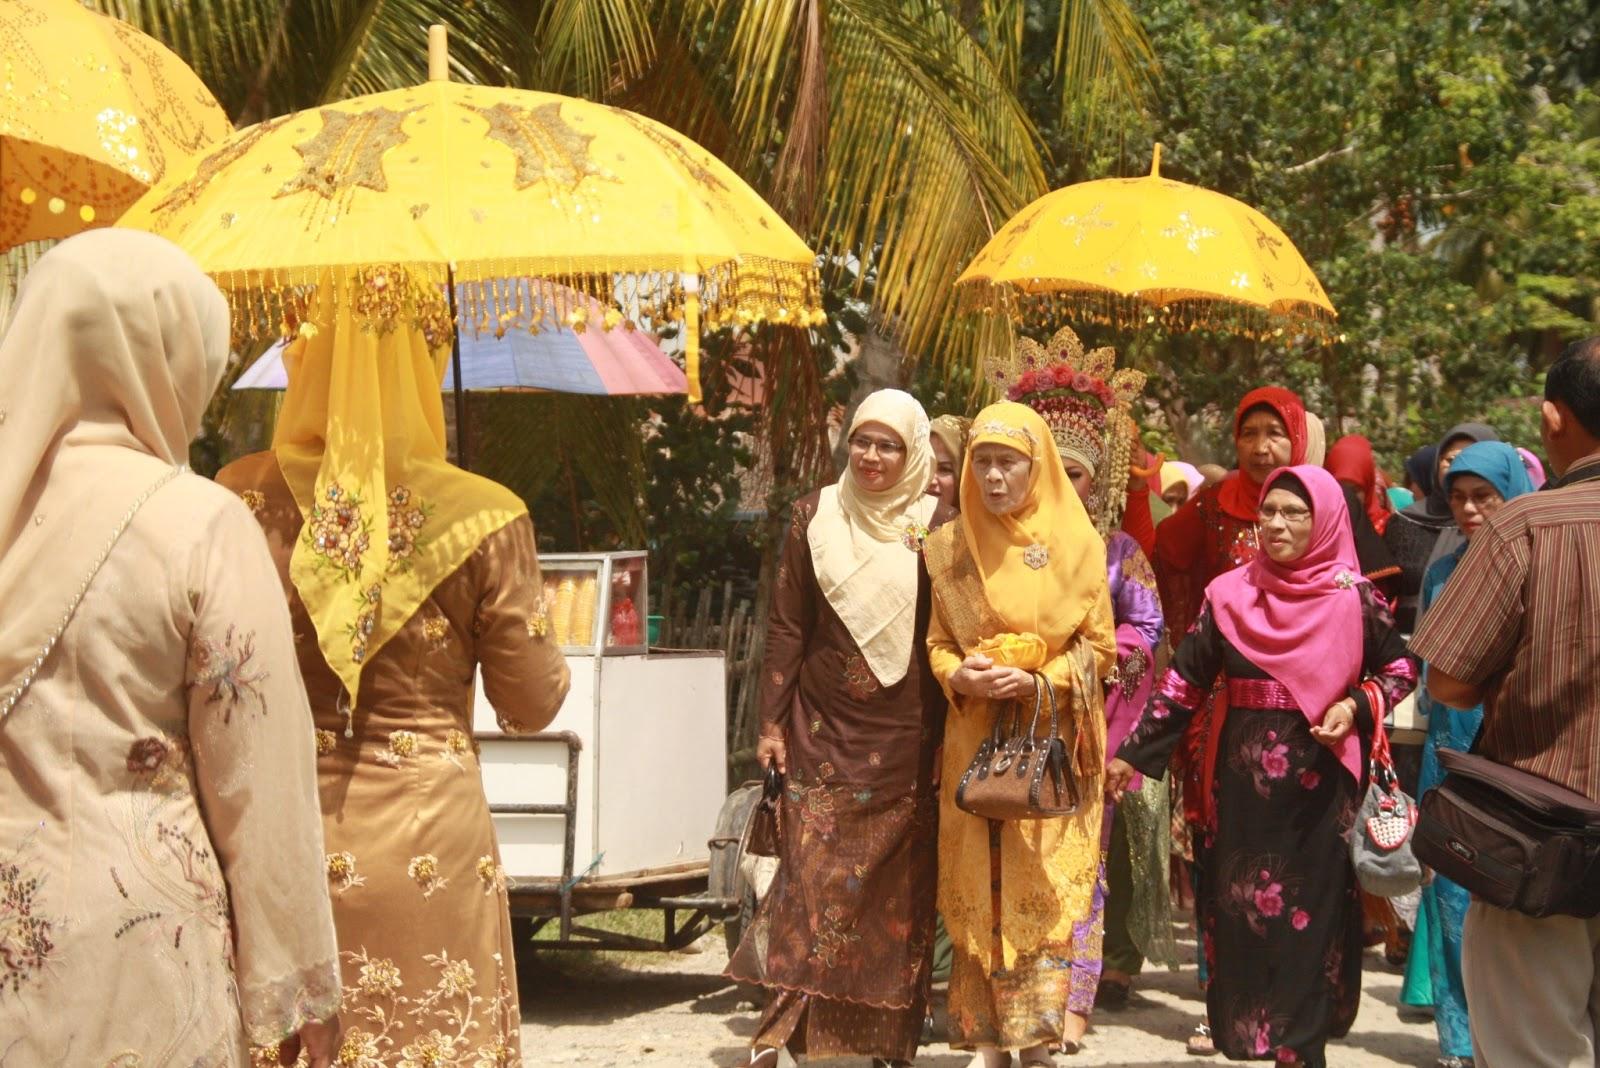 Арабская свадьба : описание, традиции, обычаи и особенности 8